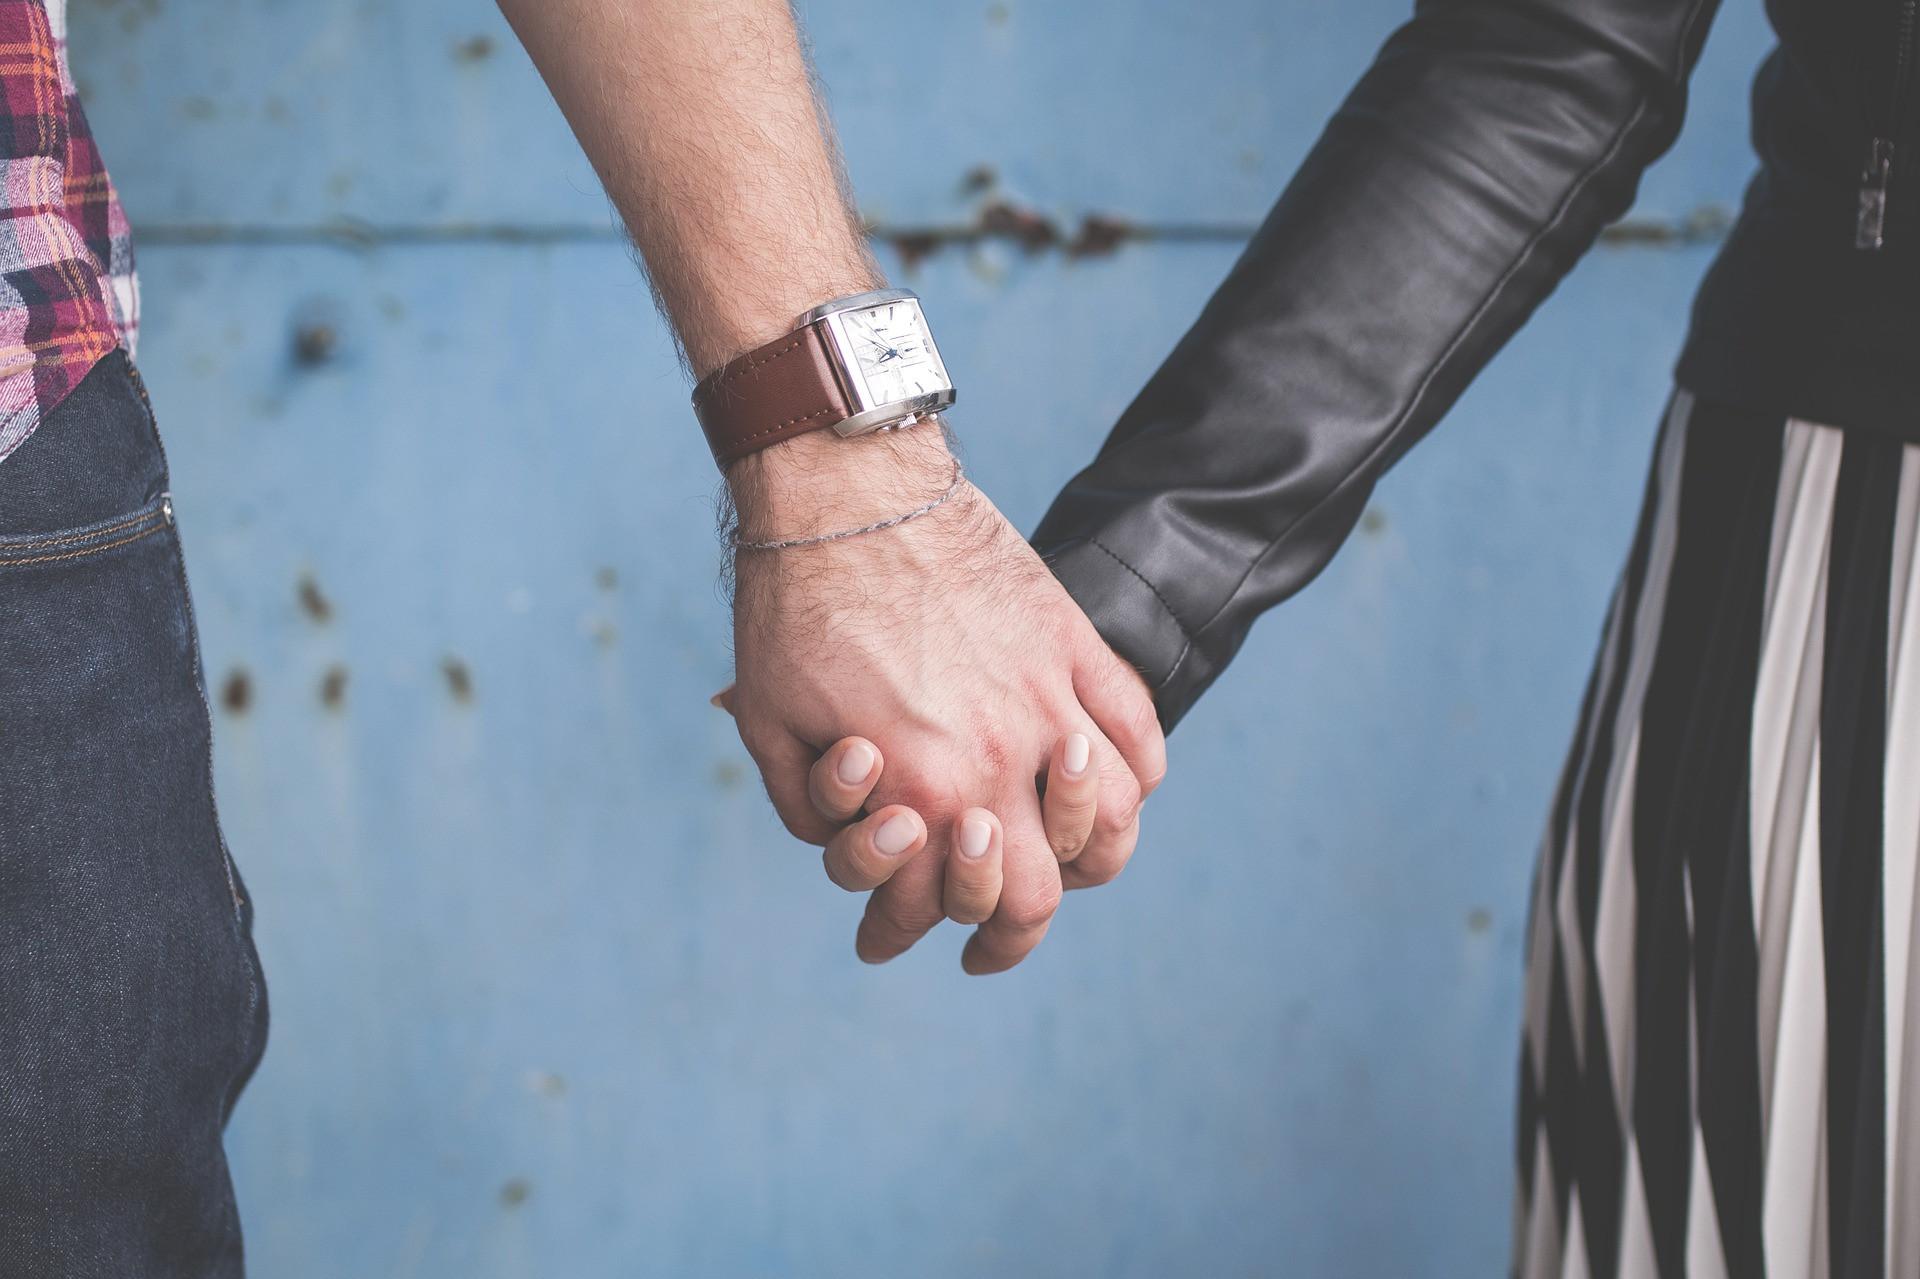 3 Tips Memanjakan Pasangan Tanpa Melakukan Hal yang Aneh - JPNN.com